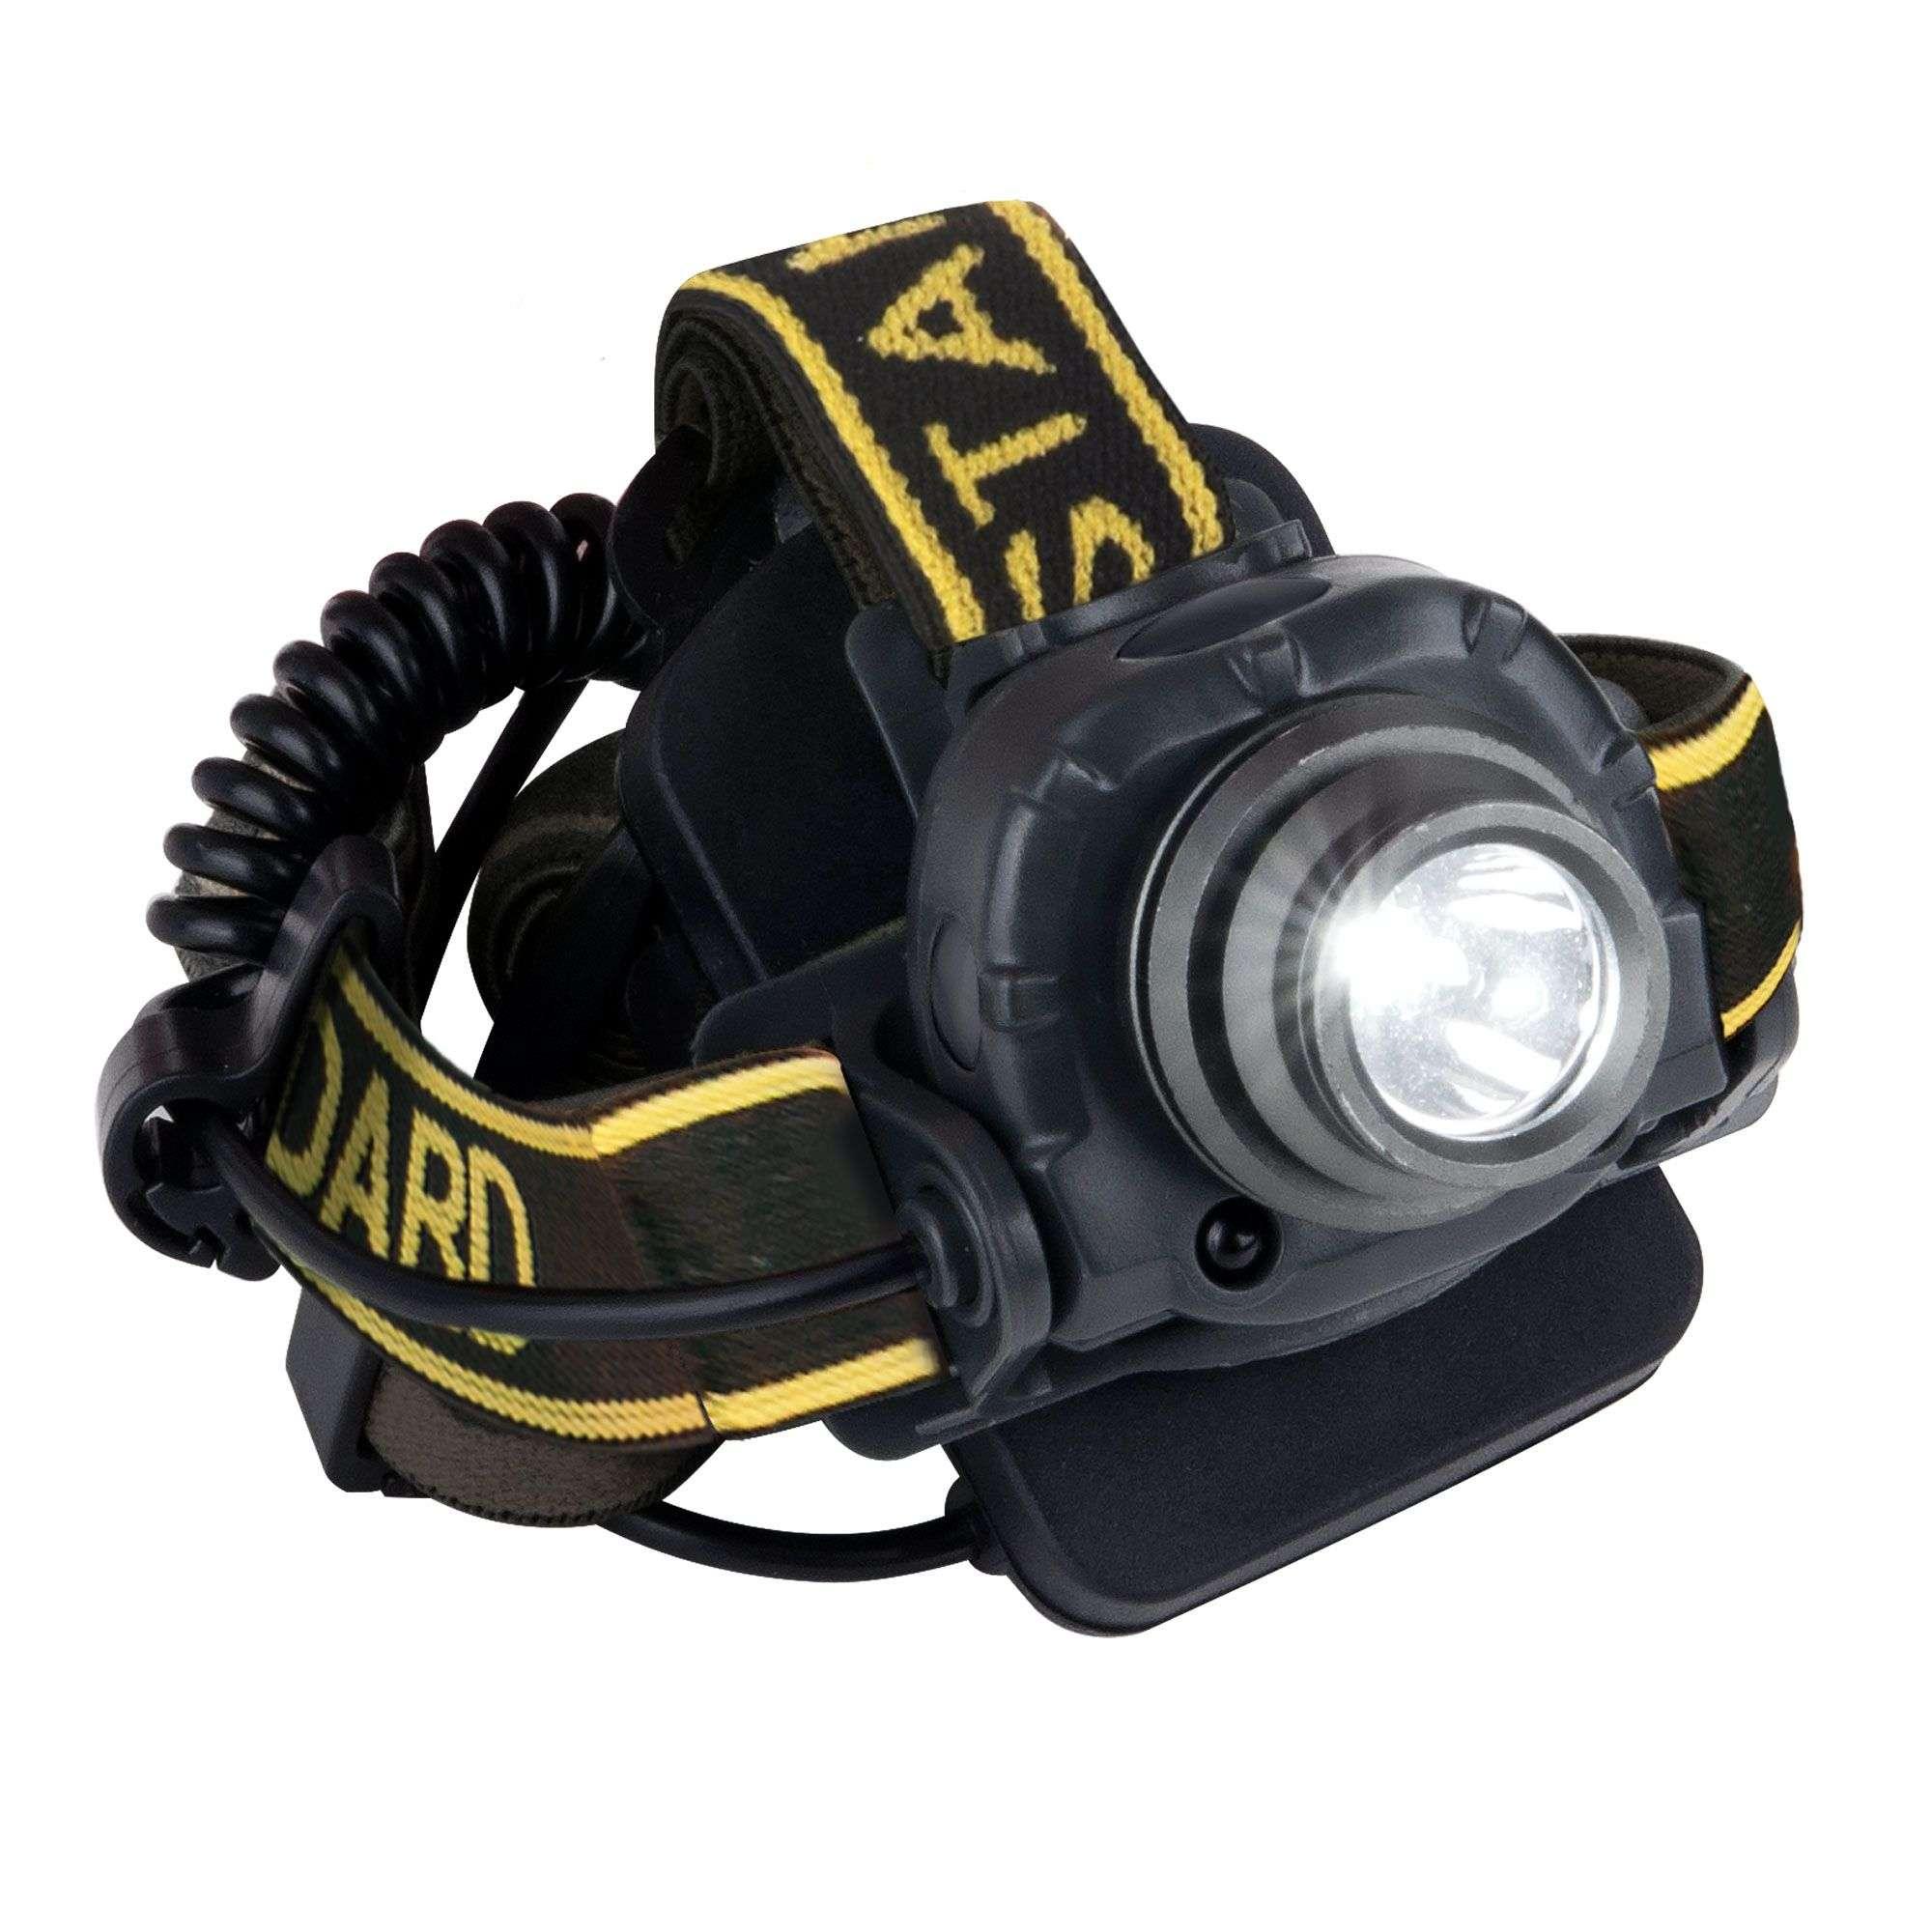 Налобный светодиодный фонарь с функцией бесконтактного включения Wizard FL50 черный